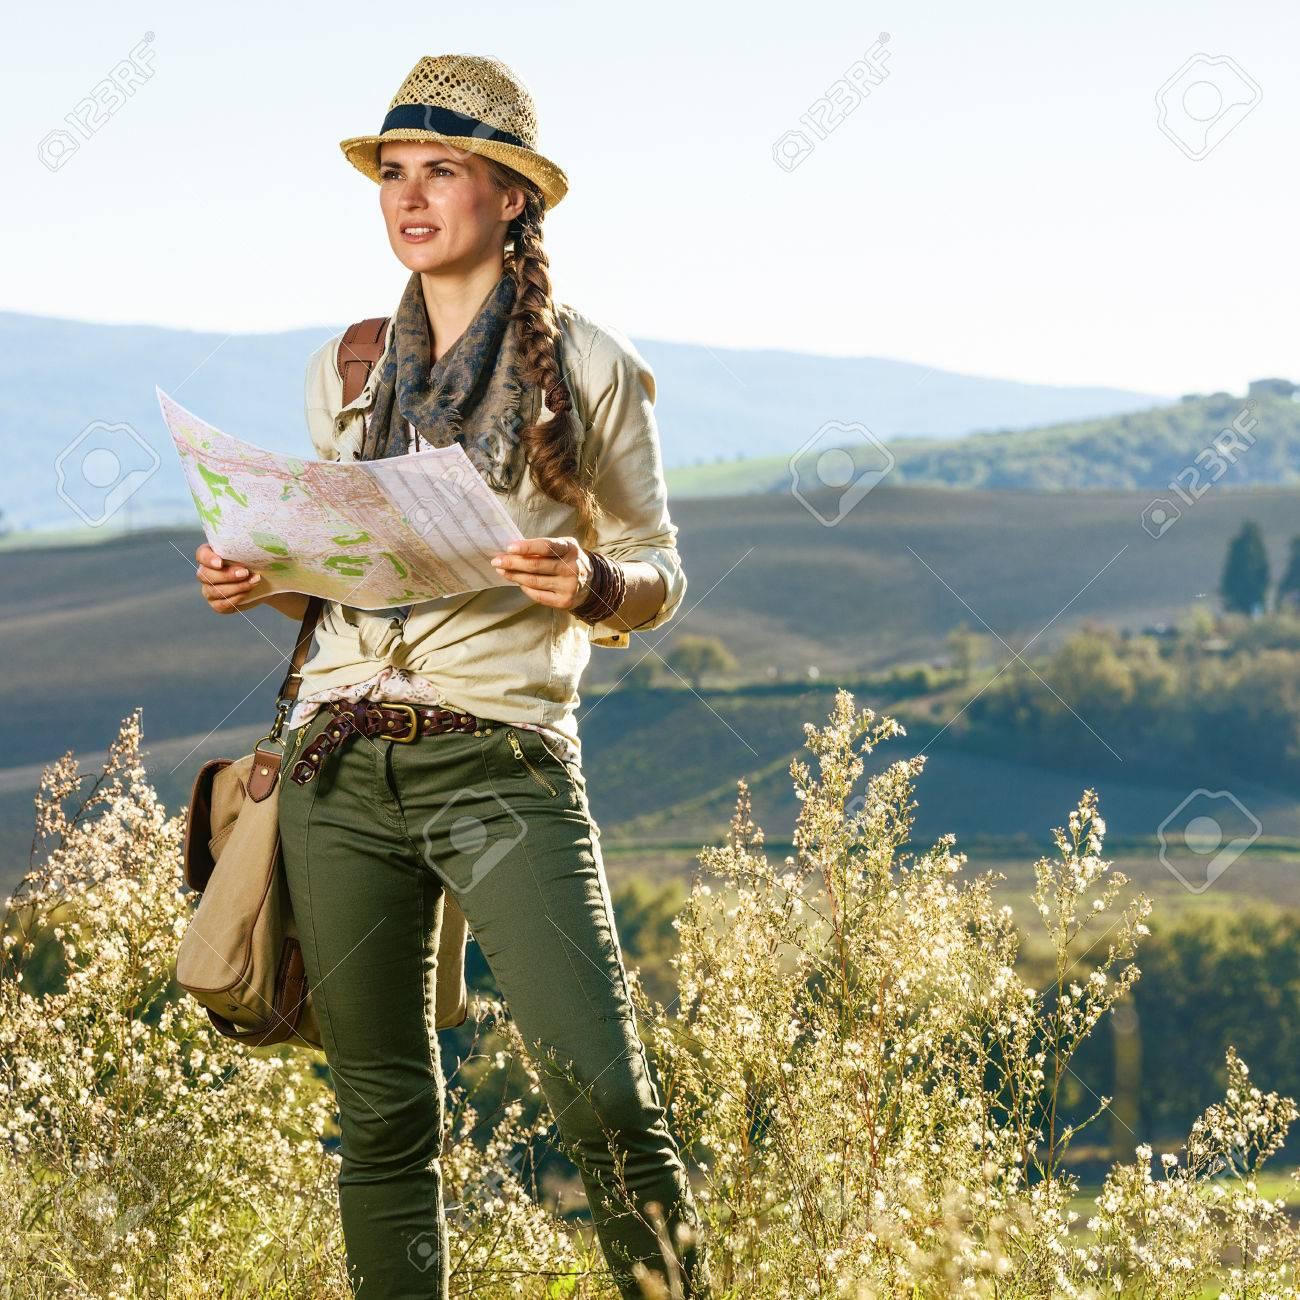 Carte Randonnée Toscane Randonneur En Sac Femme Avec Découvrir Distance La Des Vues ToscaneAventure Dans Magiques Regardant De Nn0PwX8Ok